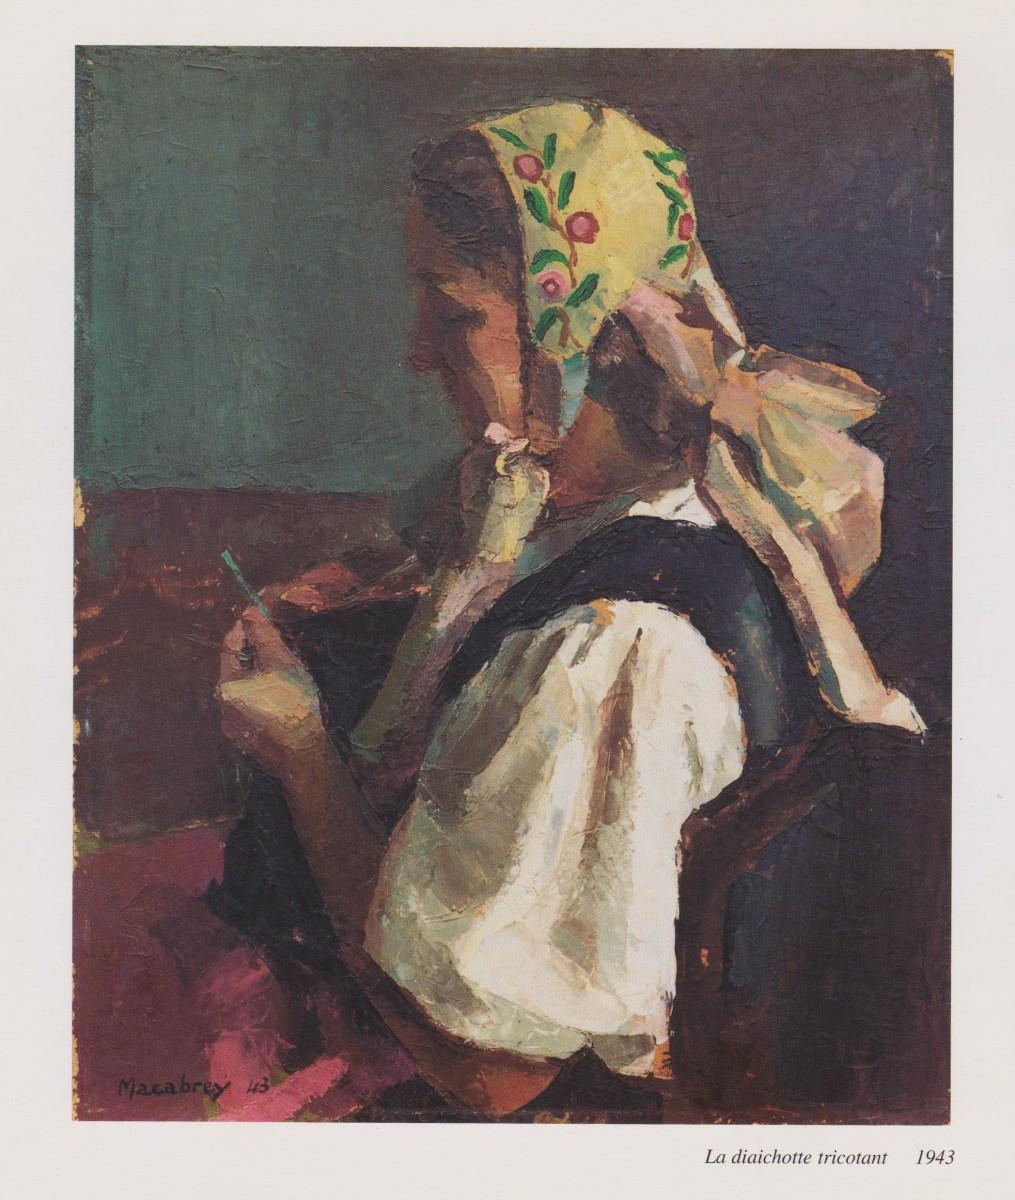 La diaichotte tricotant